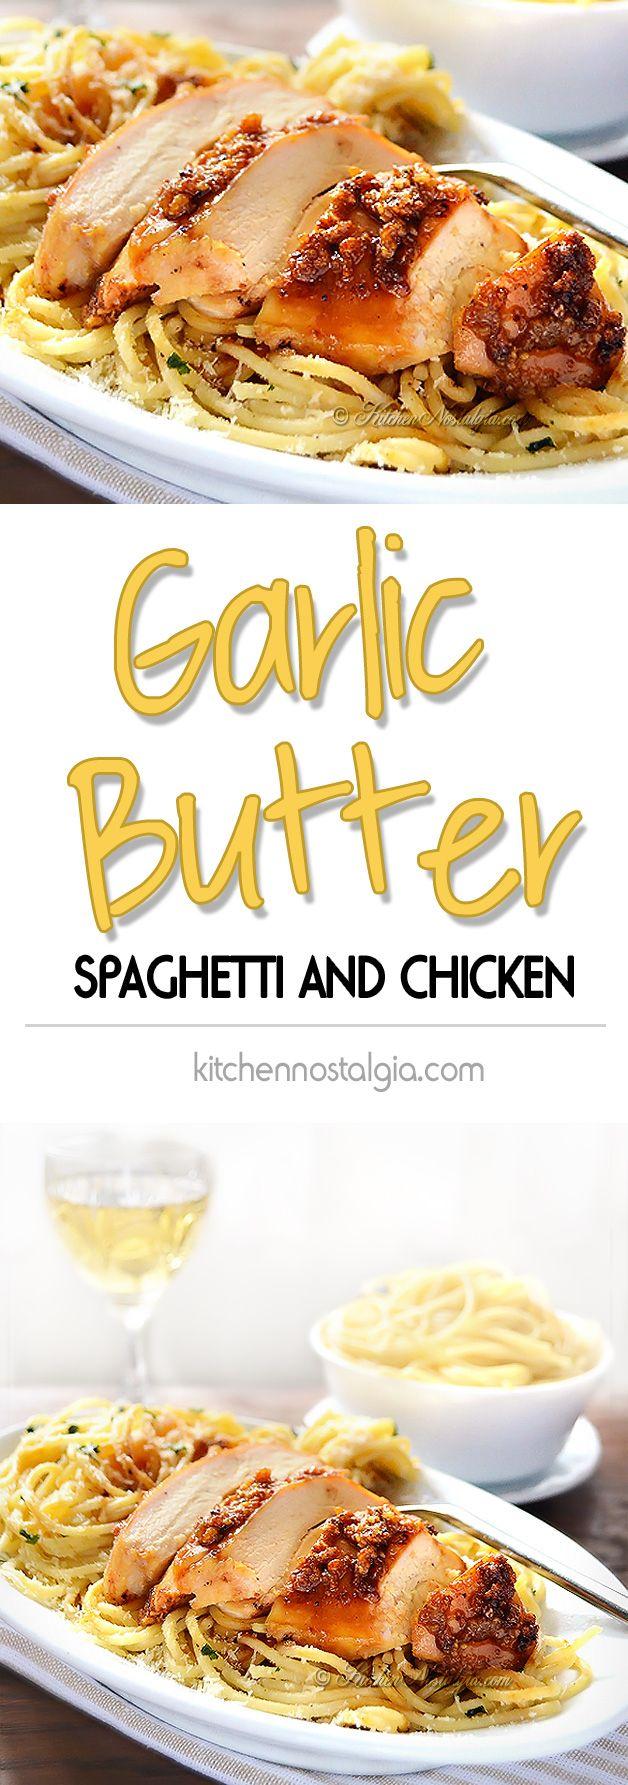 Garlic Butter Spaghetti and Chicken #chickenbreastrecipeseasy